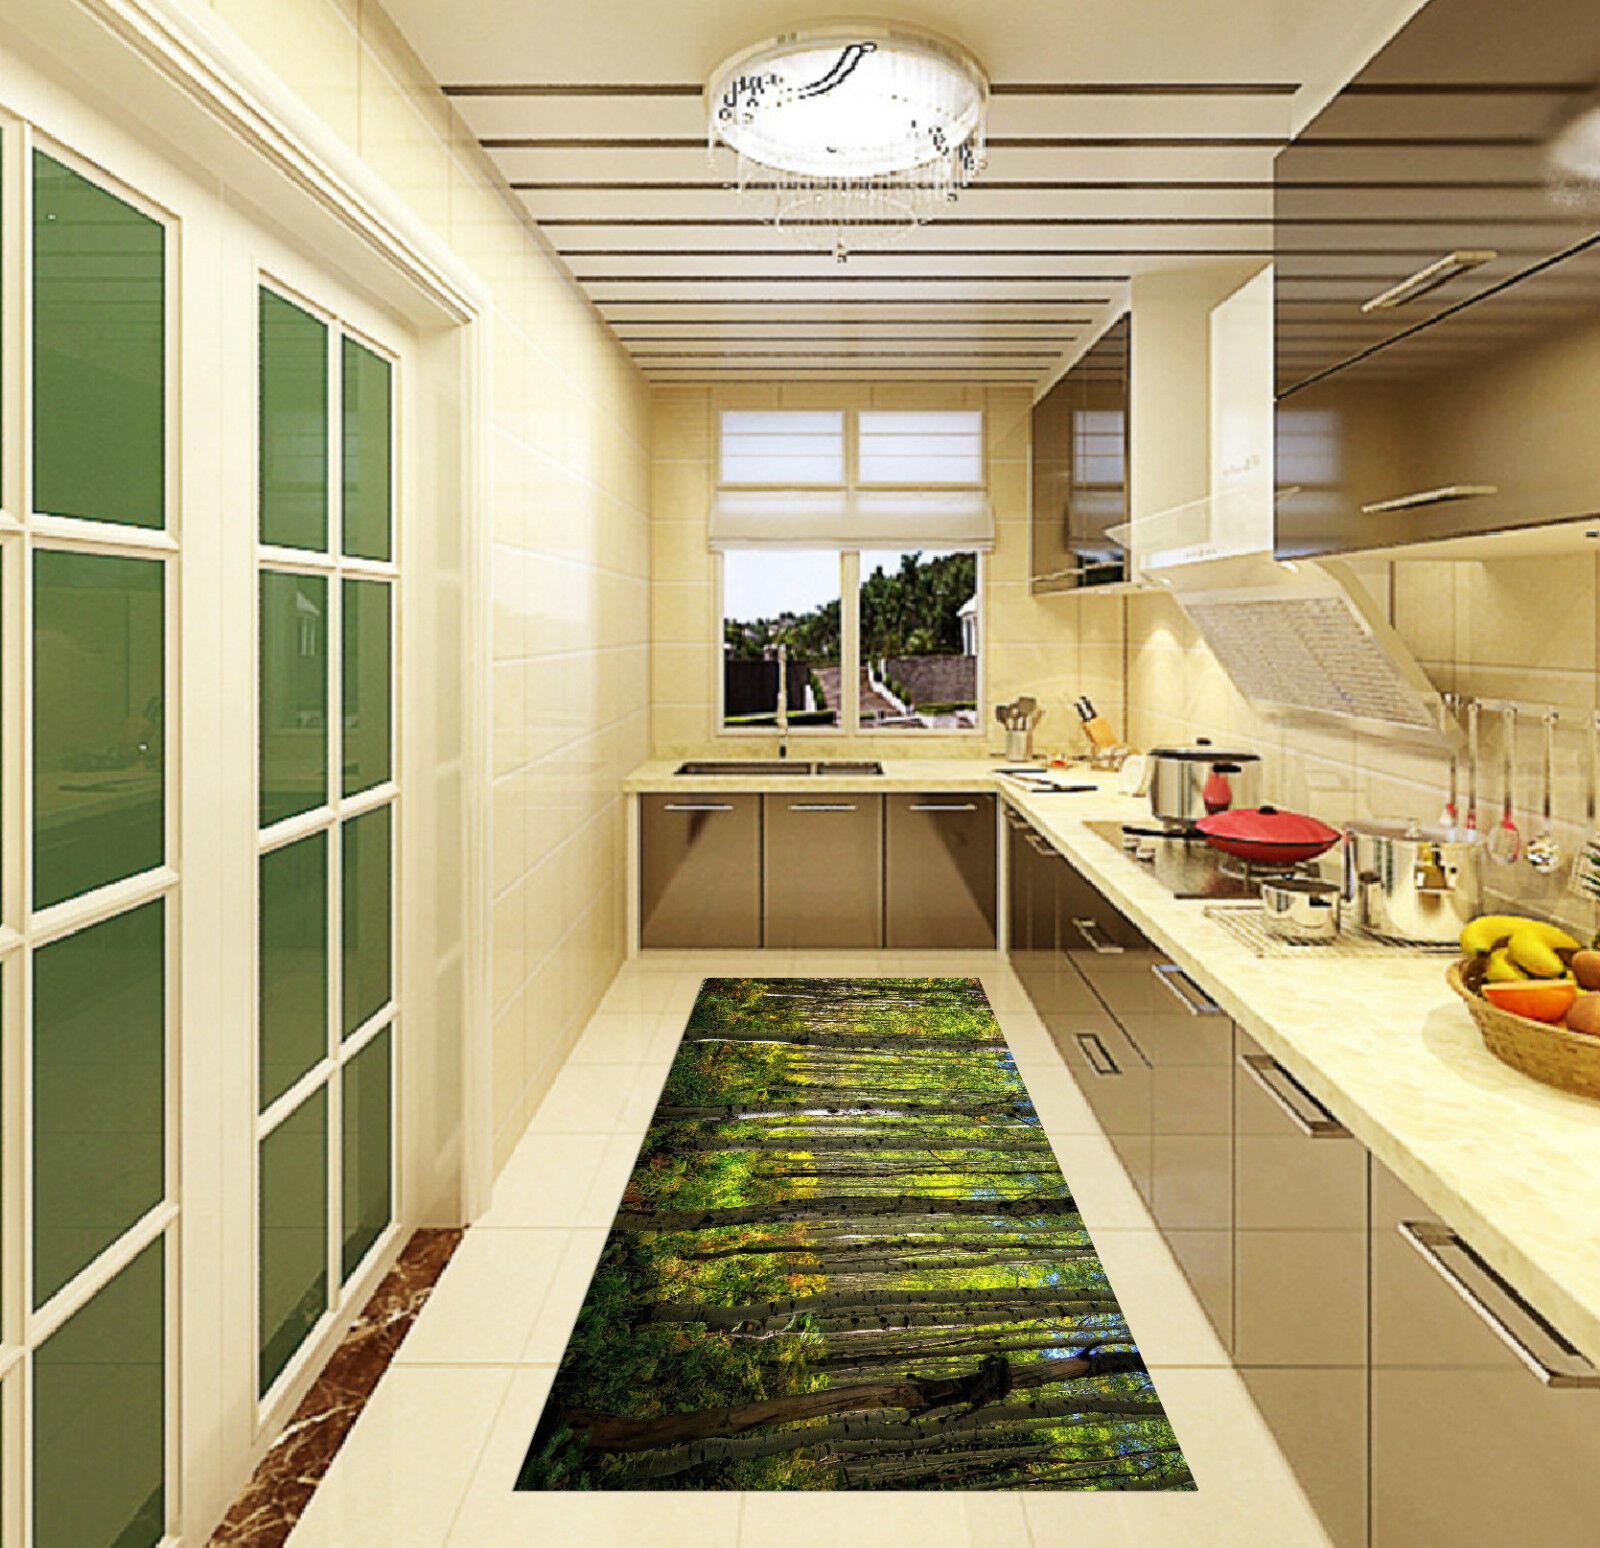 3D Forest Trees 3 Kitchen Mat Floor Murals Wall Print Wall Deco AJ WALLPAPER CA